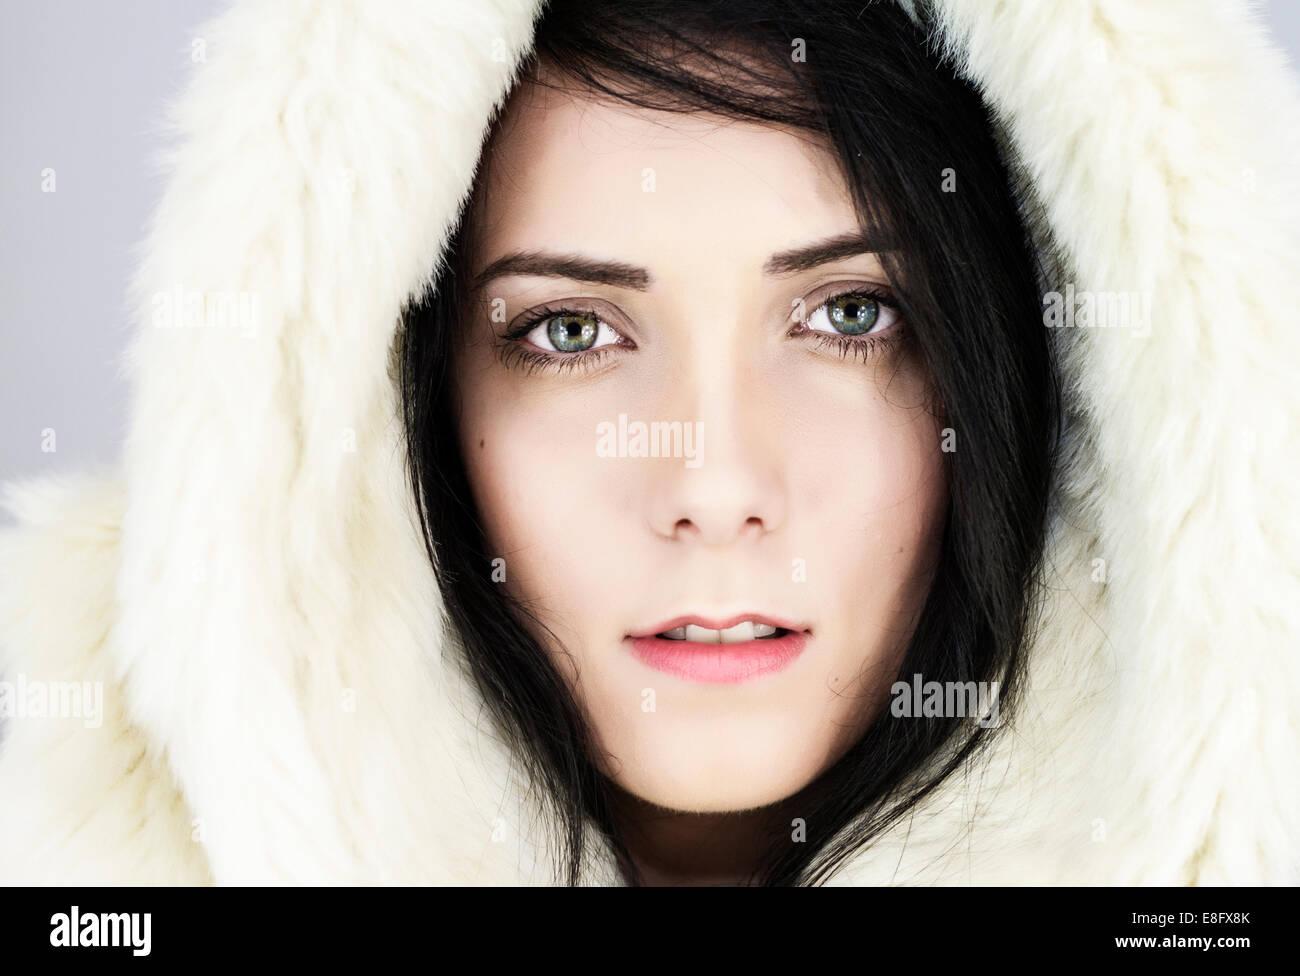 Mujer con capucha de pieles Imagen De Stock